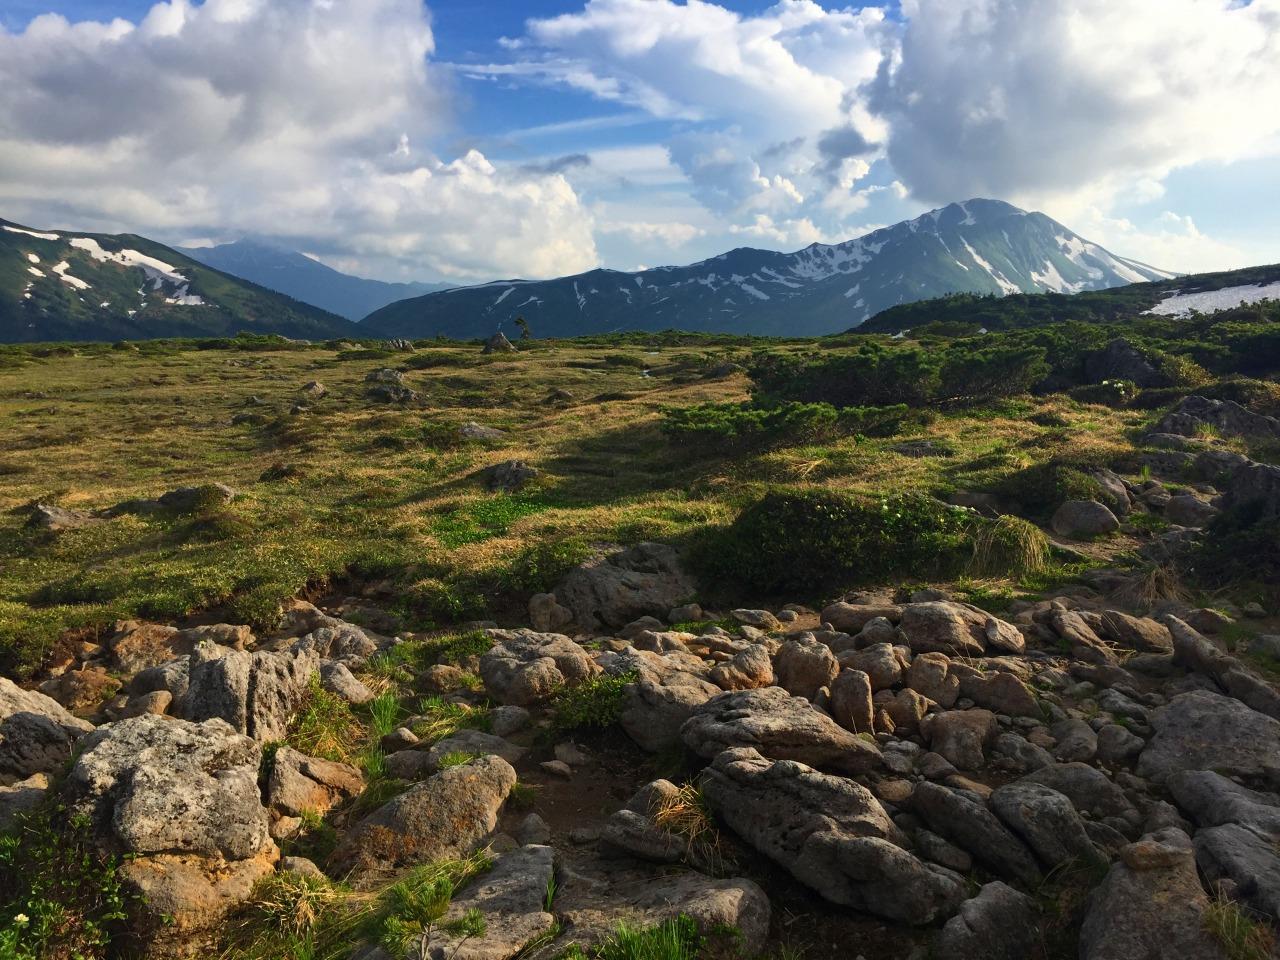 日本の名山『ペースダウンで山歩き』 『最後の秘境』と呼ばれる北アルプス最深部を訪れる 憧れの雲ノ平 5日間